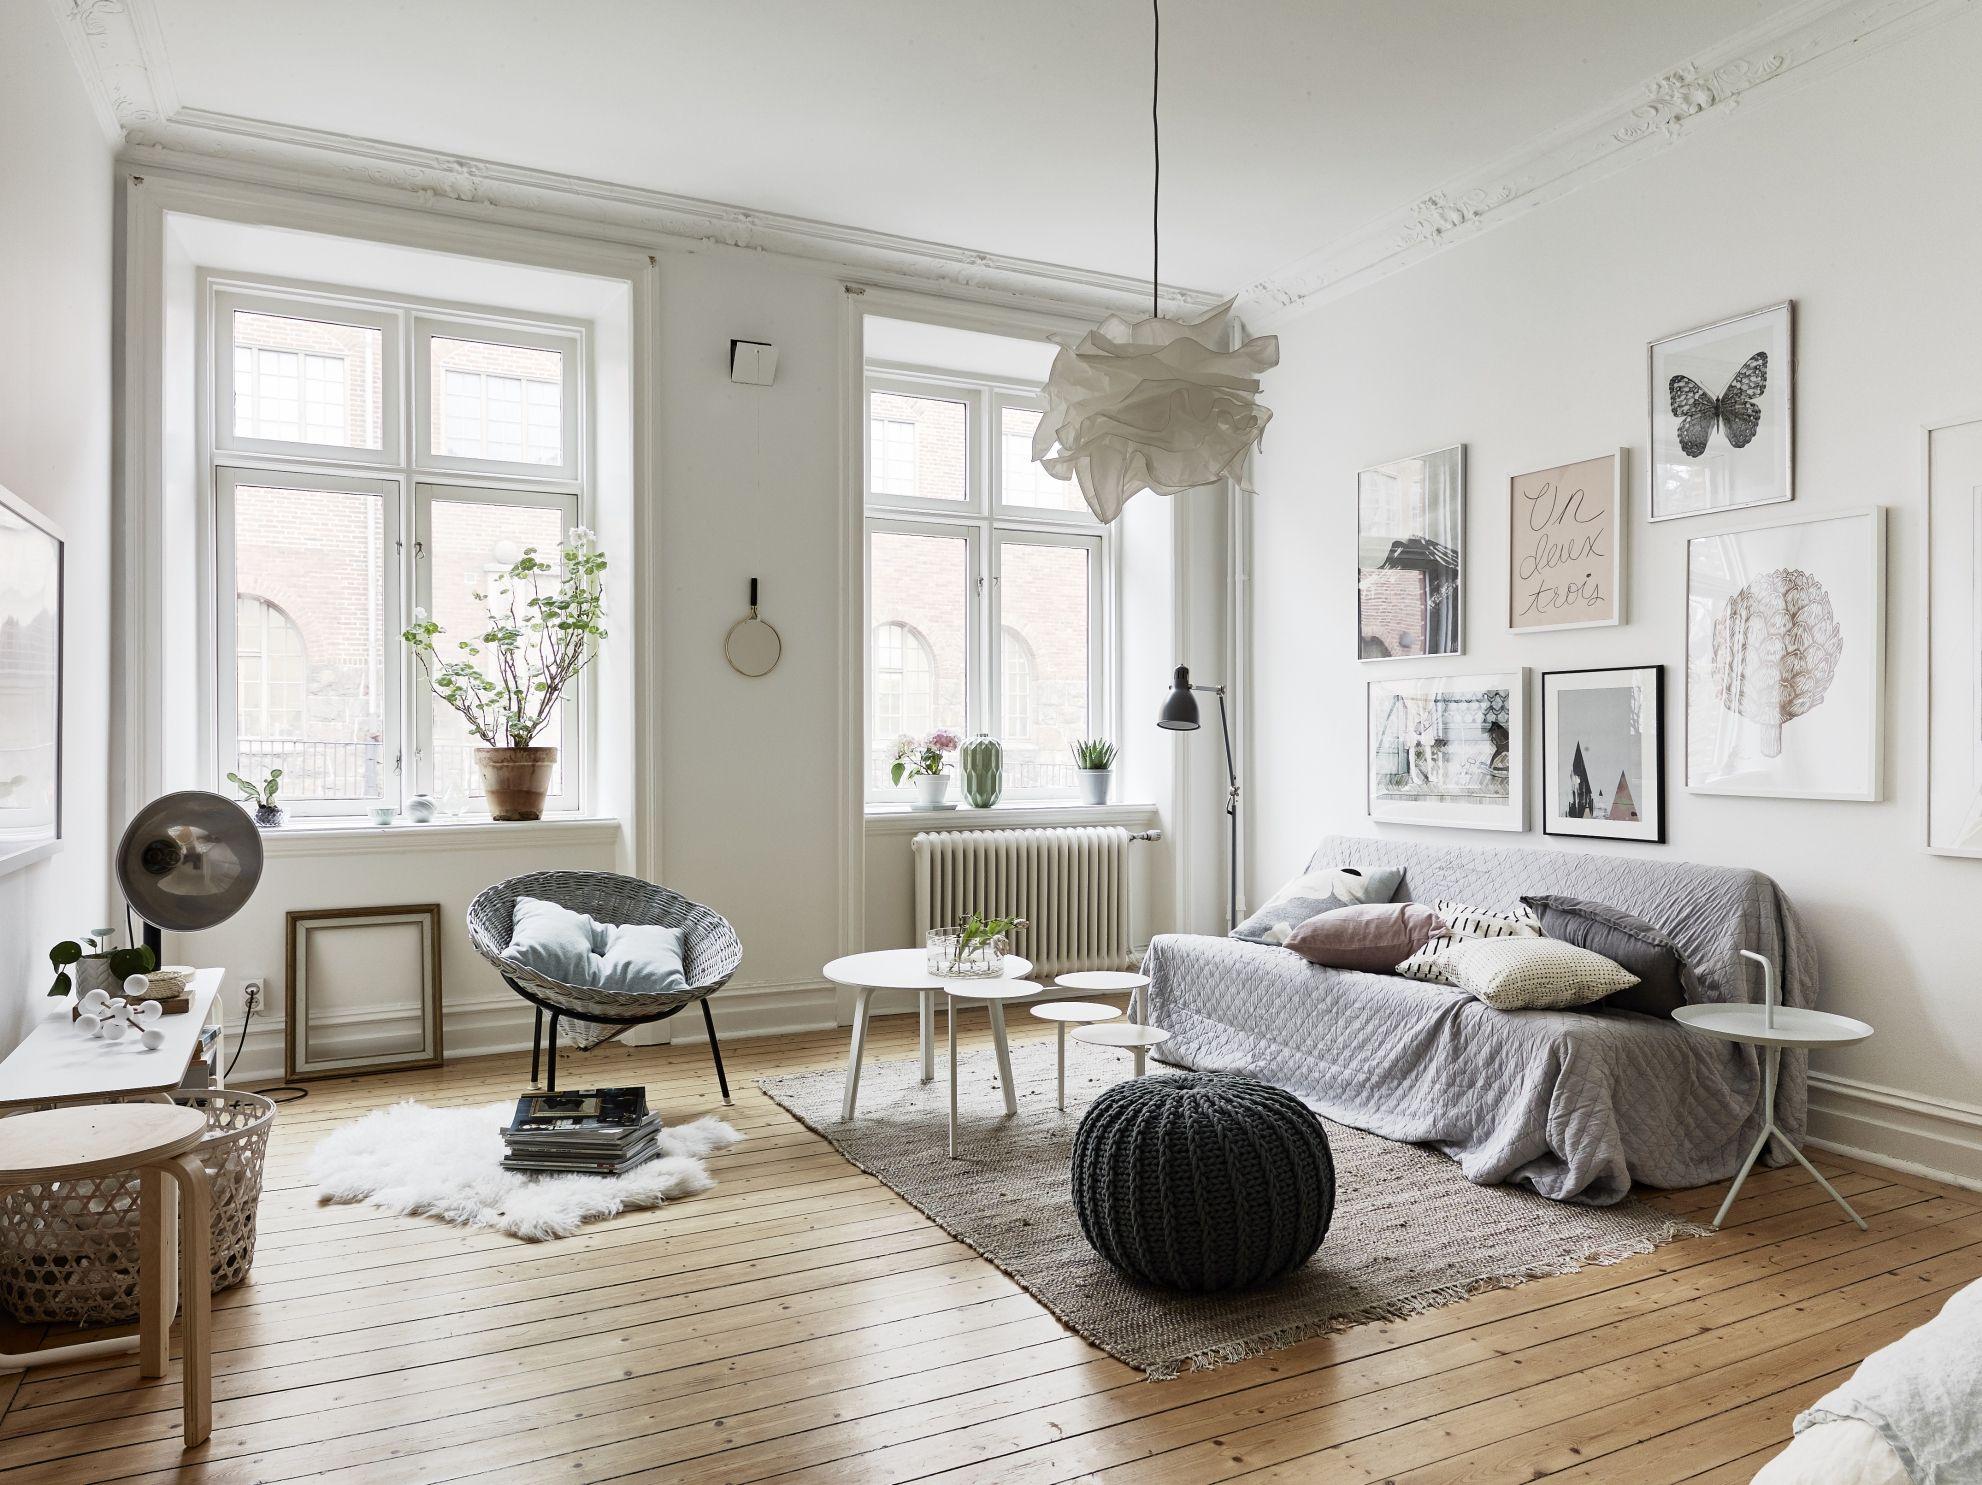 Välkommen till nordhemsgatan 60 scandinavian style scandinavian interiors scandinavian apartment swedish style